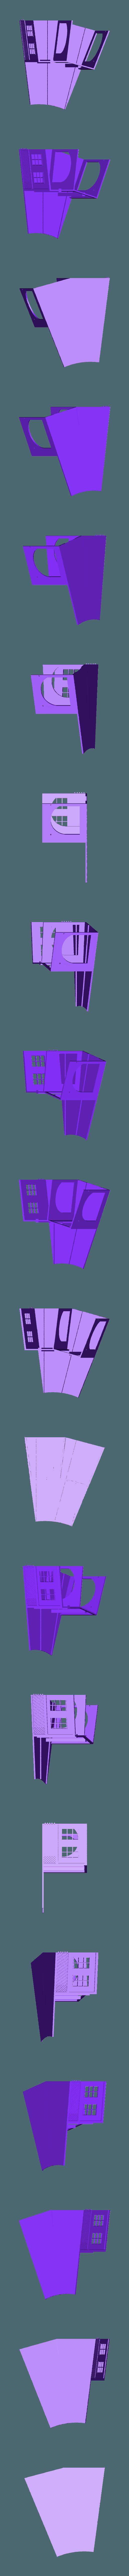 building_small_LEFT.stl Télécharger fichier STL gratuit Dépôt de train à l'échelle 1:87 HO avec table tournante • Plan pour imprimante 3D, nenchev